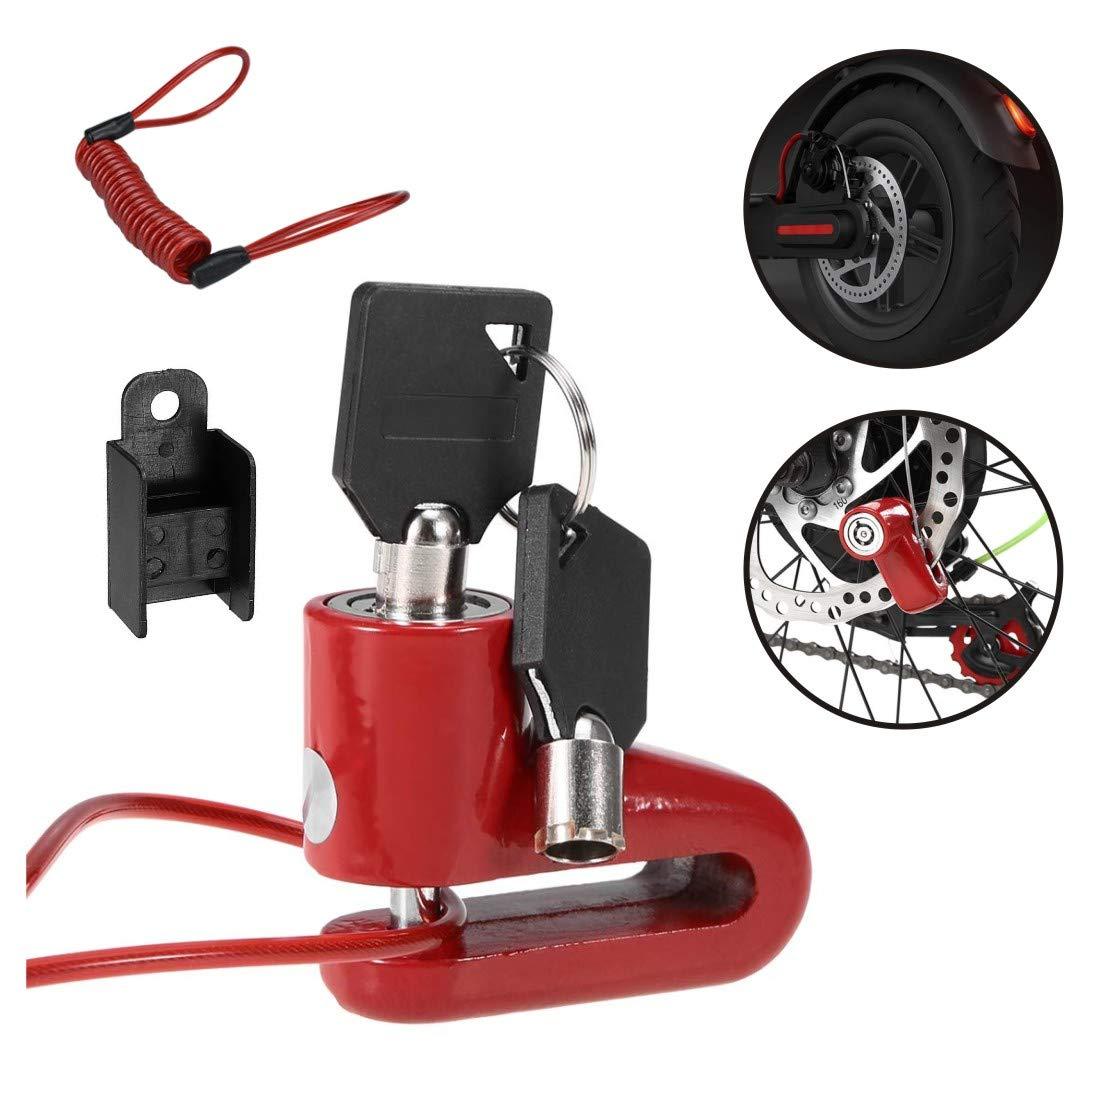 Tinke Bremsscheibenschloss mit 1.2m Erinnerungskabel f/ür Xiaomi 365 Motorrad Fahrrad Wasserdicht Schwarz